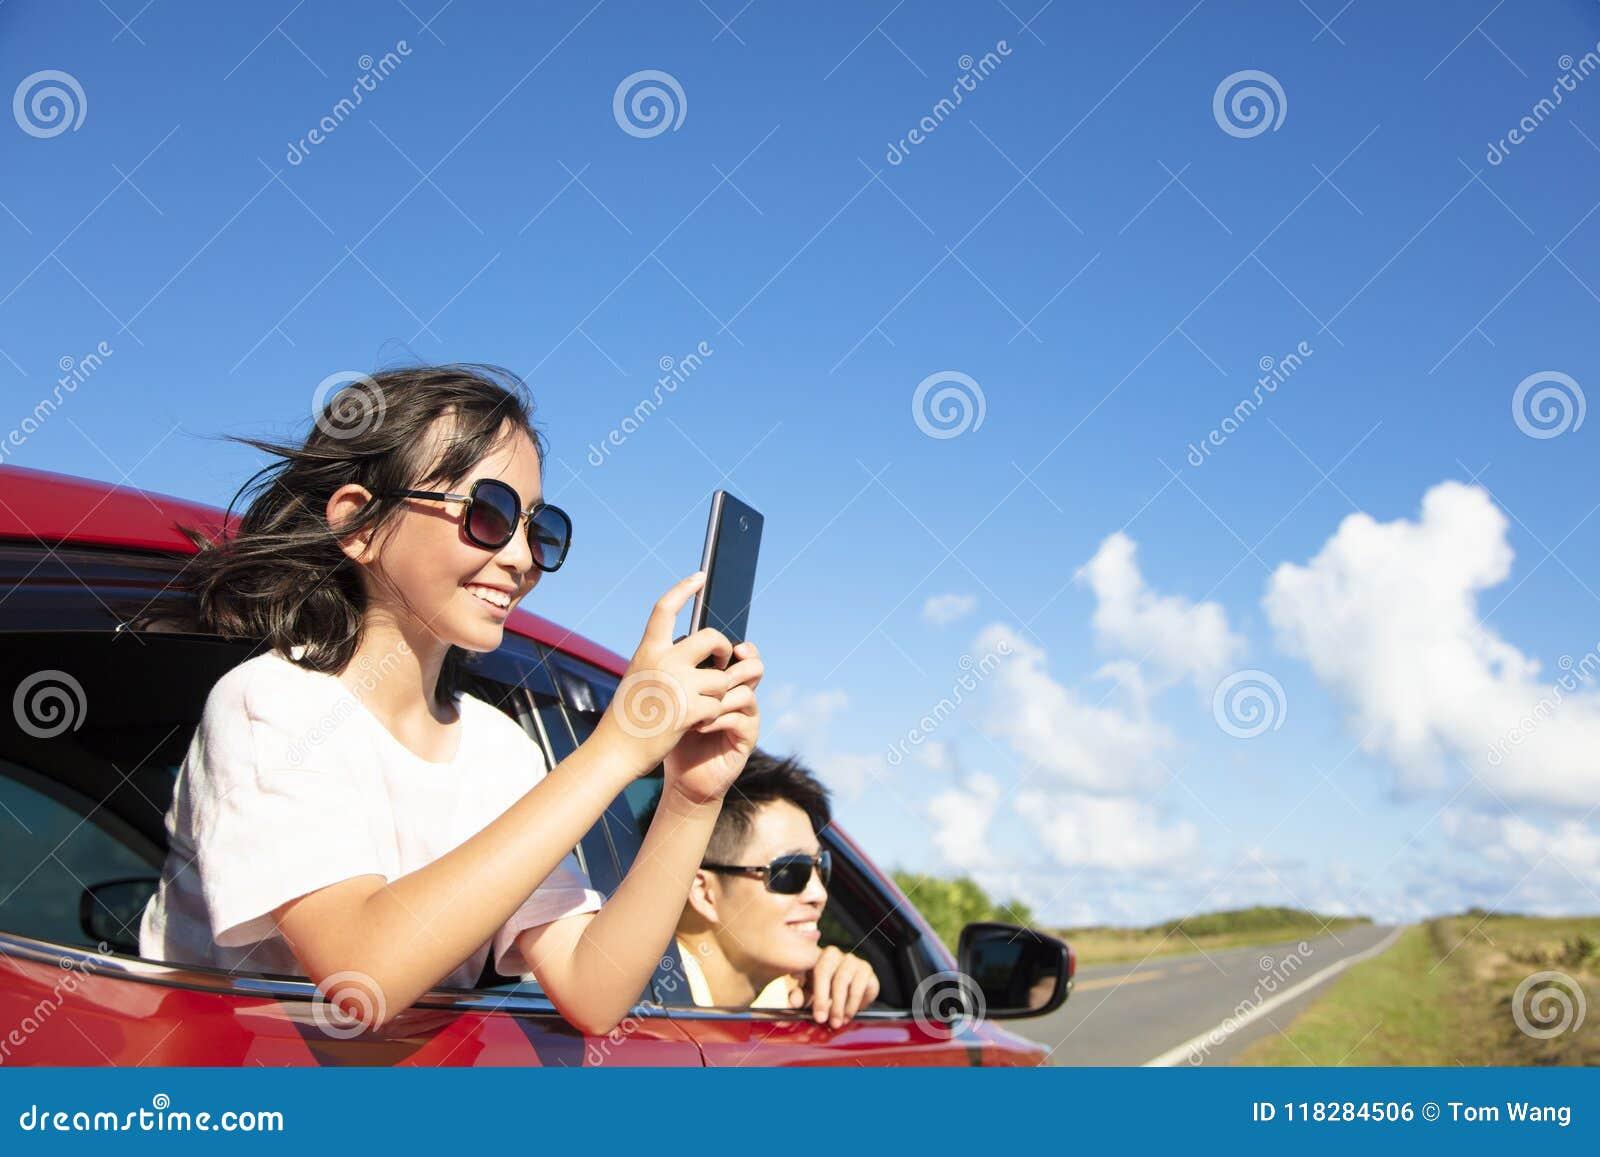 Familie genießen die Autoreise, die Foto durch intelligentes Telefon macht